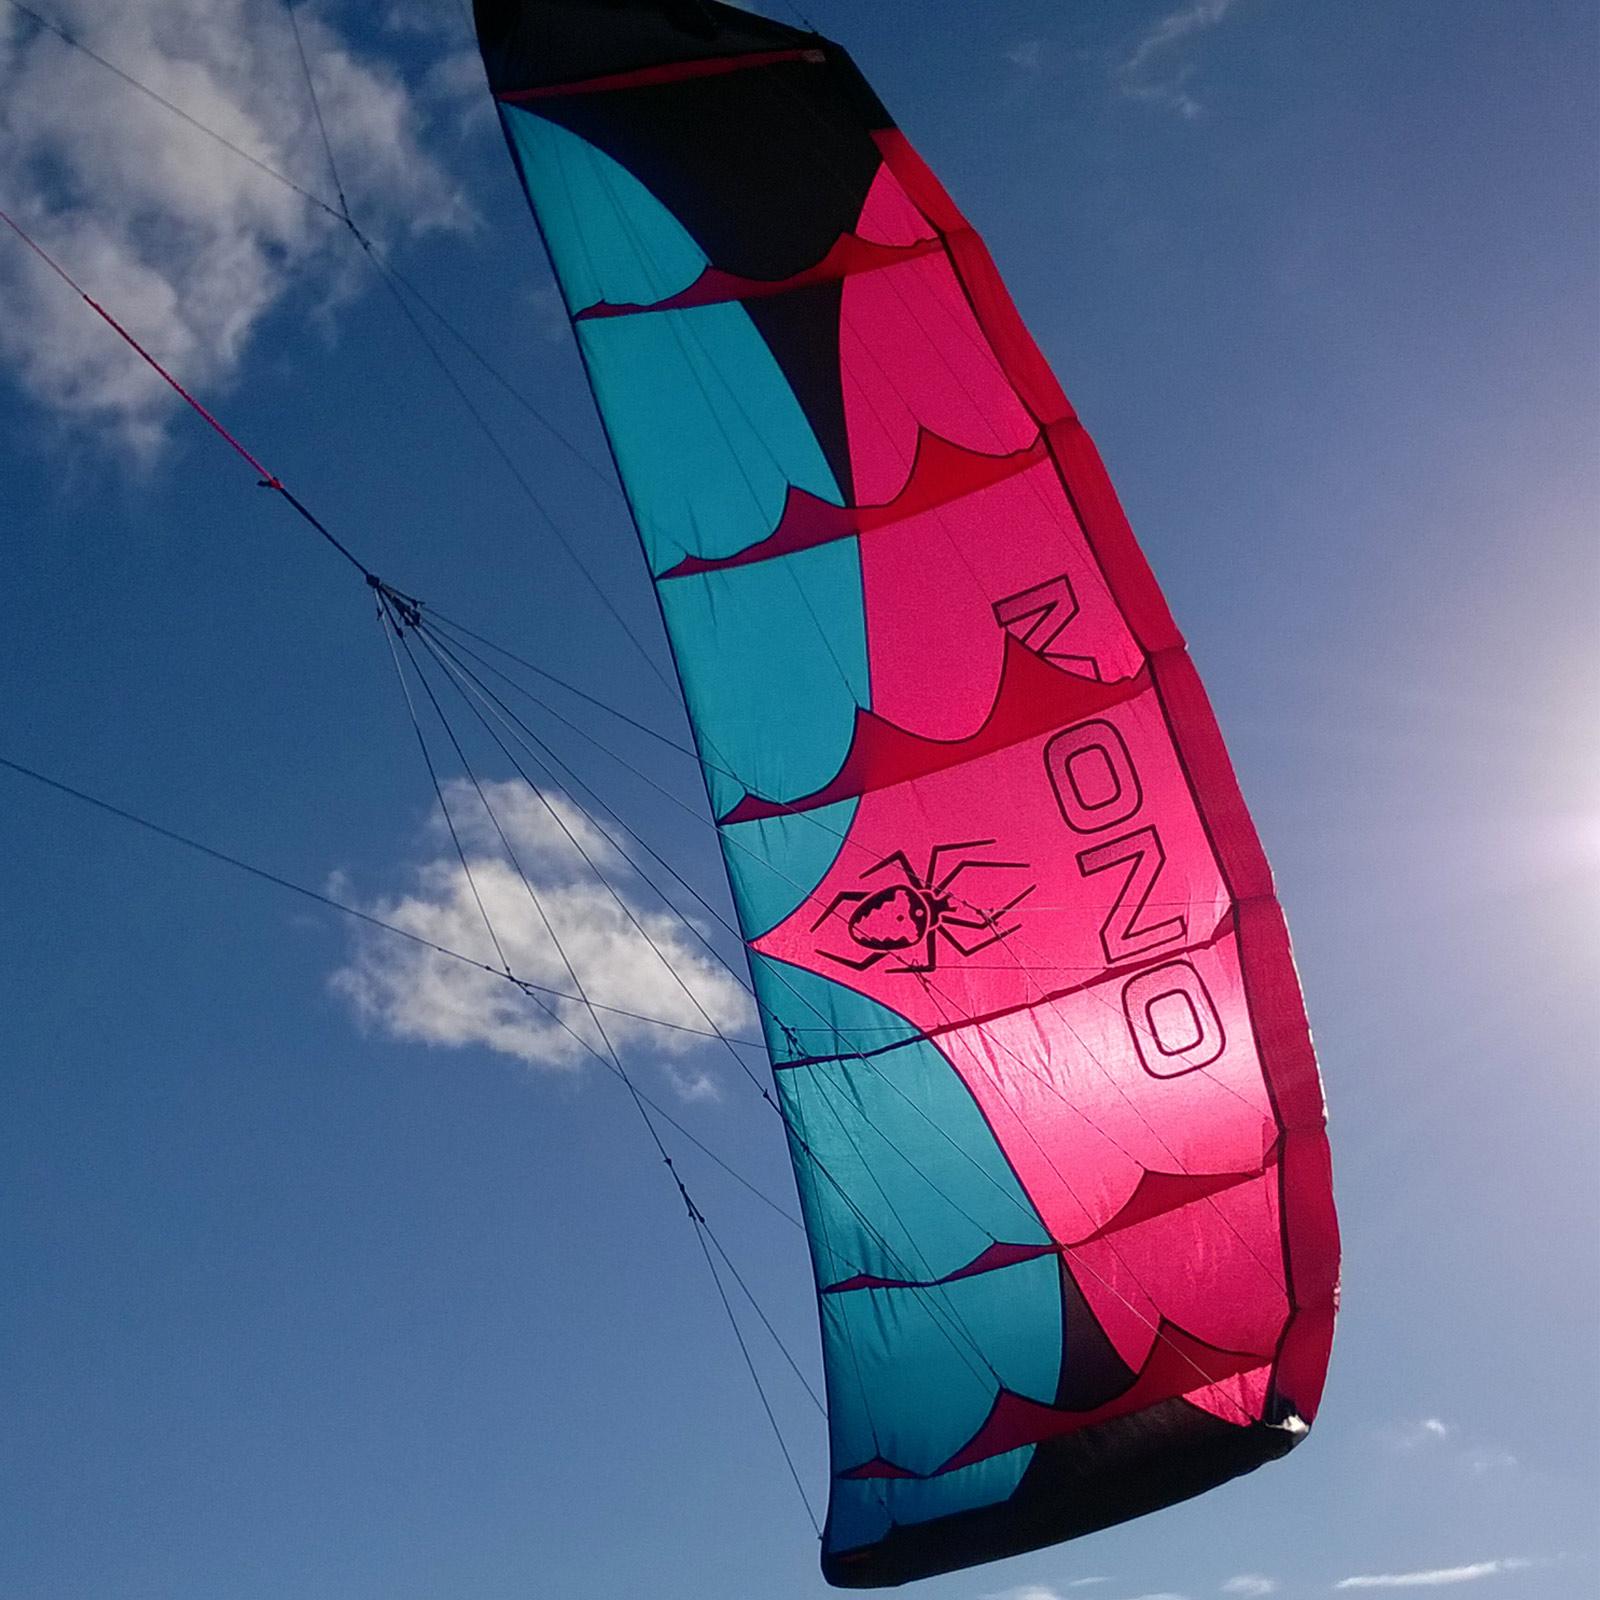 Kite SPIDERKITES Mono 2.0 Lenkmatte Lenk Drachen Matte Lenkdrachen Powerkite